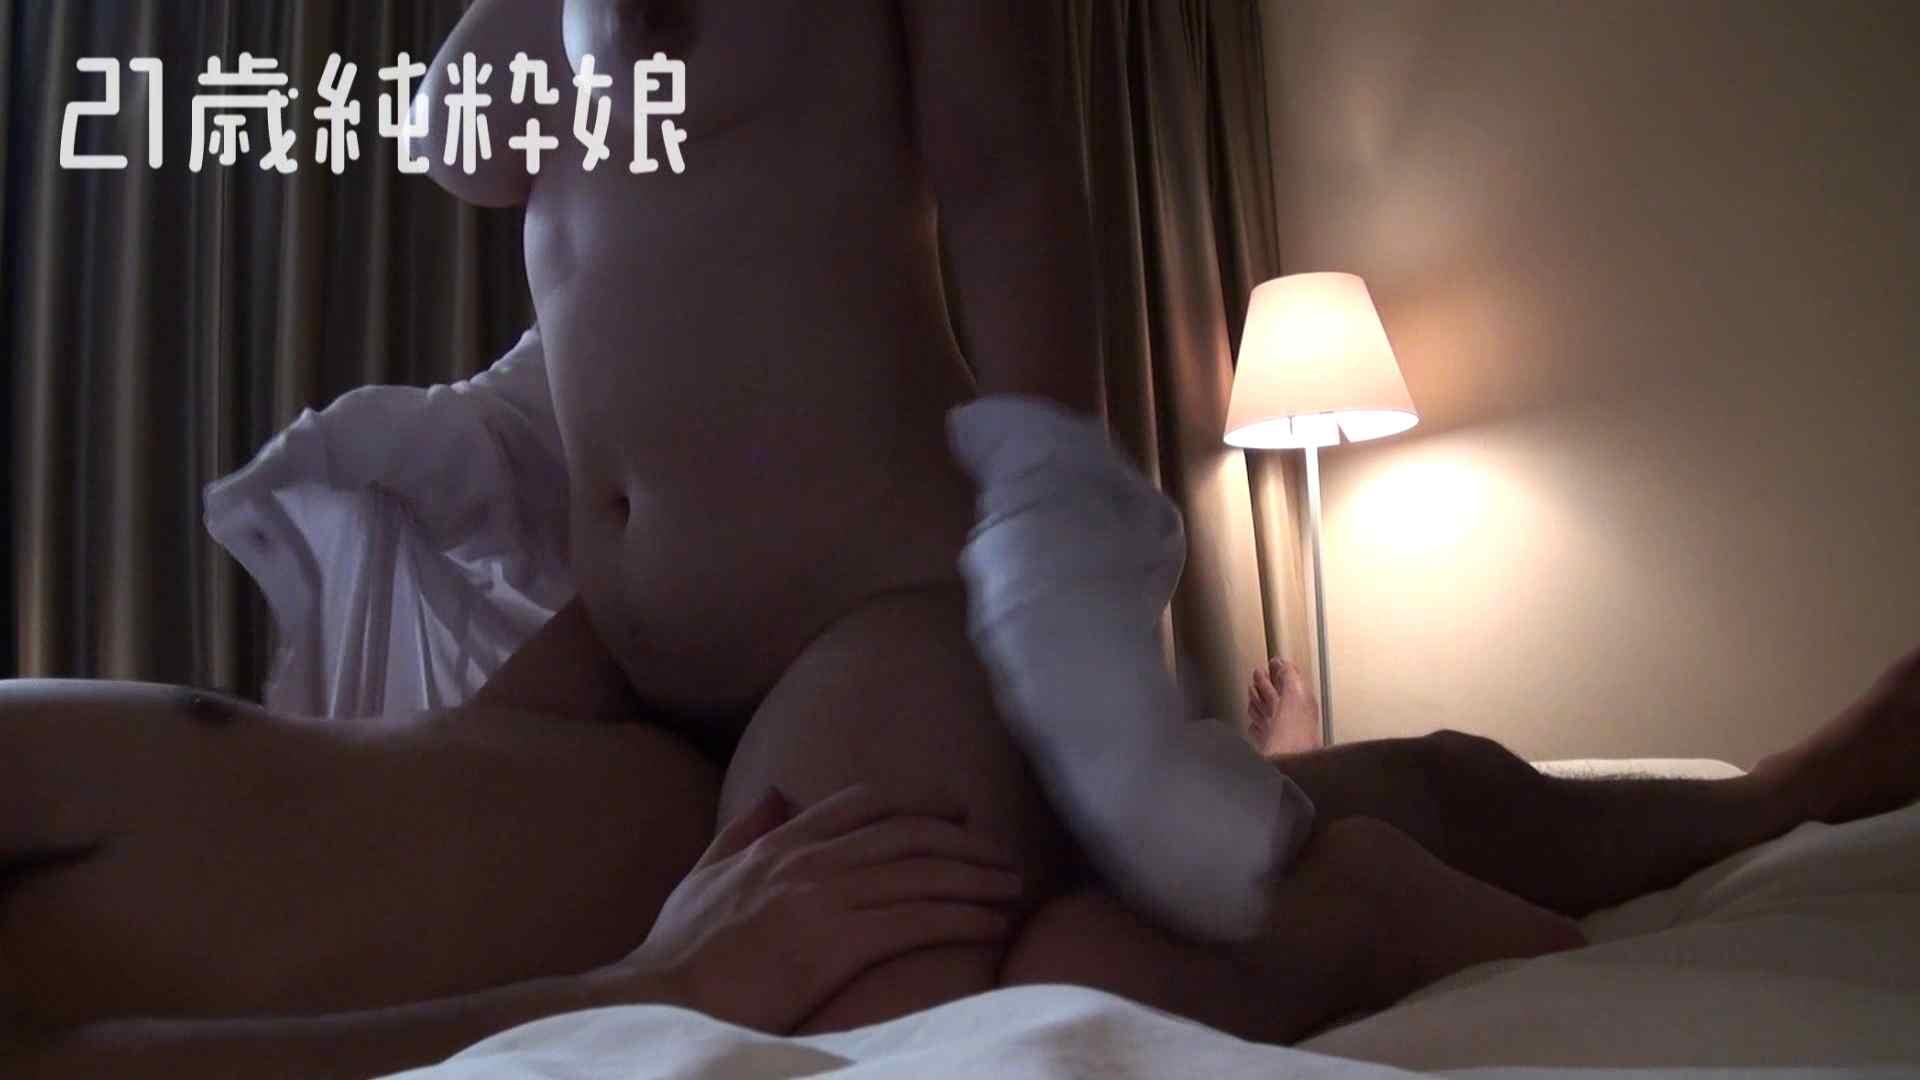 上京したばかりのGカップ21歳純粋嬢を都合の良い女にしてみた2 オナニー 盗み撮り動画キャプチャ 97連発 86